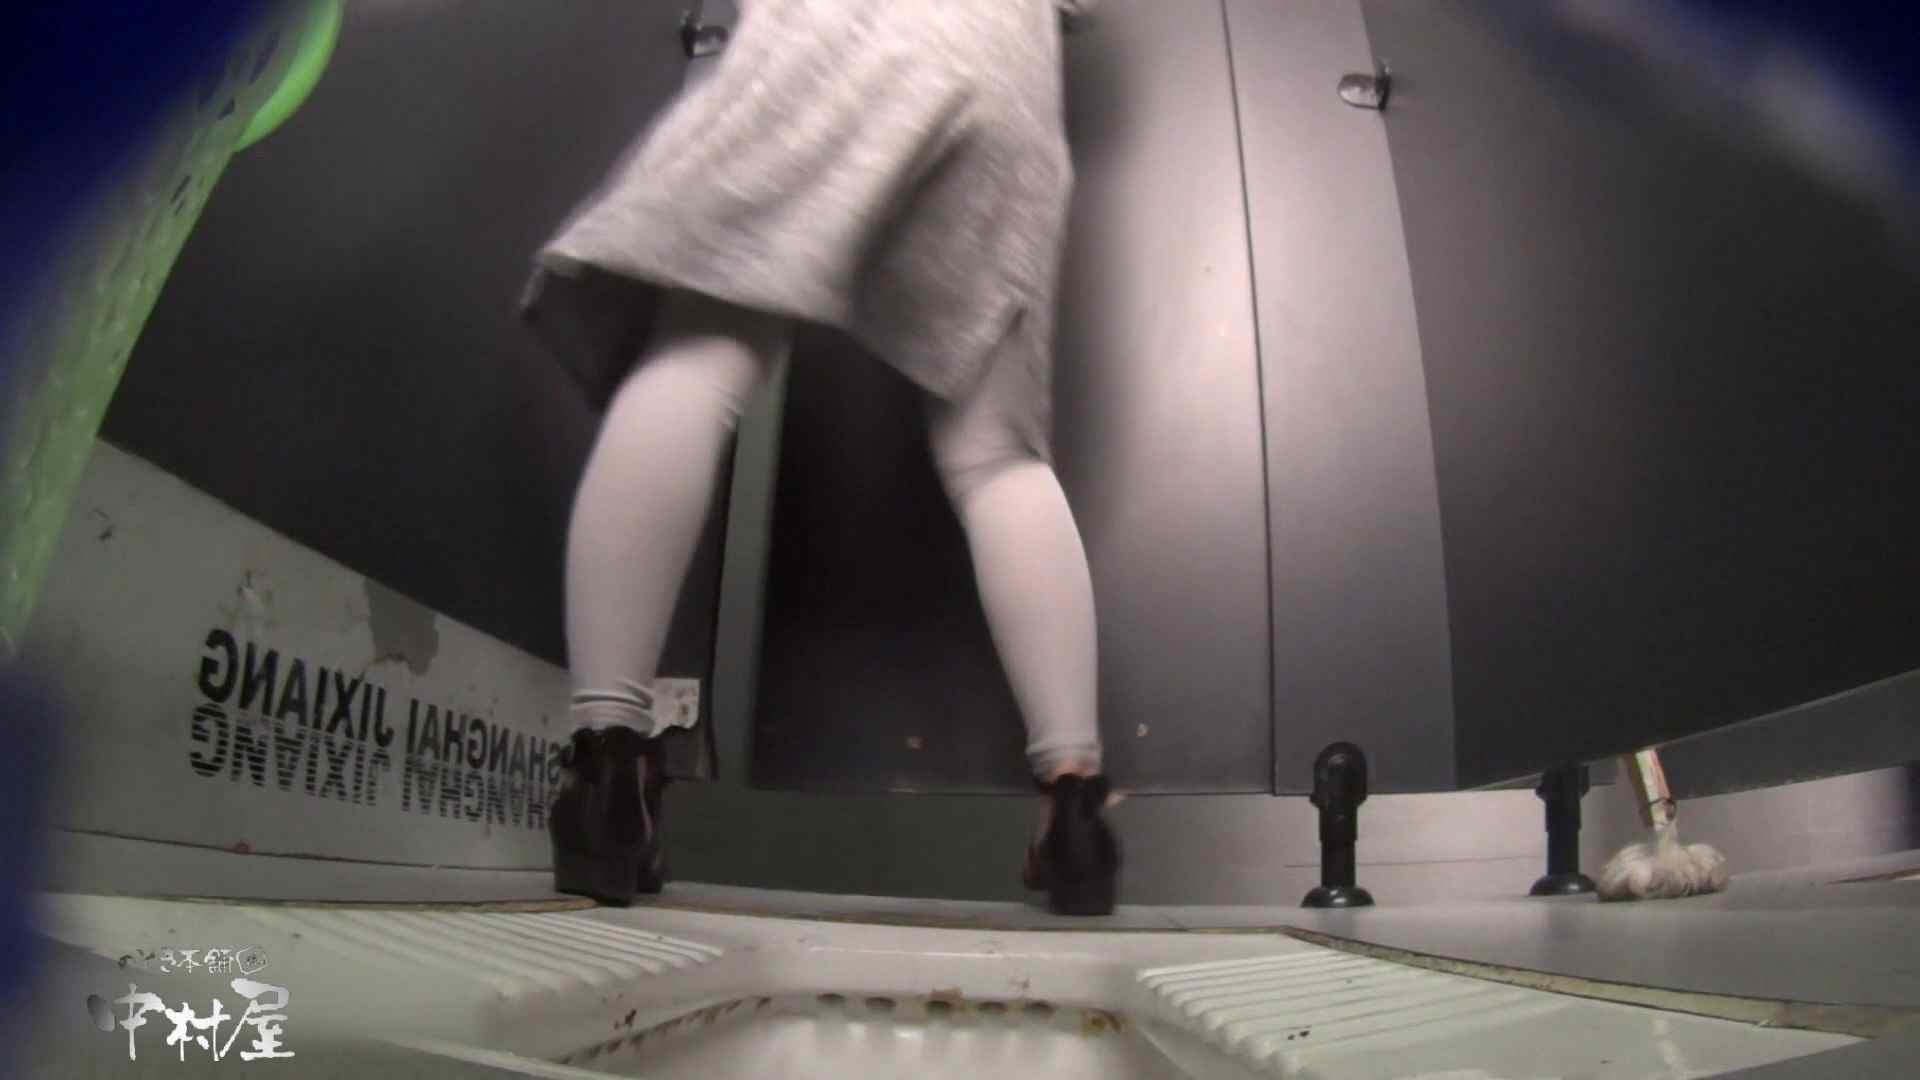 グレースパッツお女市さん 大学休憩時間の洗面所事情31 美女まとめ AV無料 96PIX 47